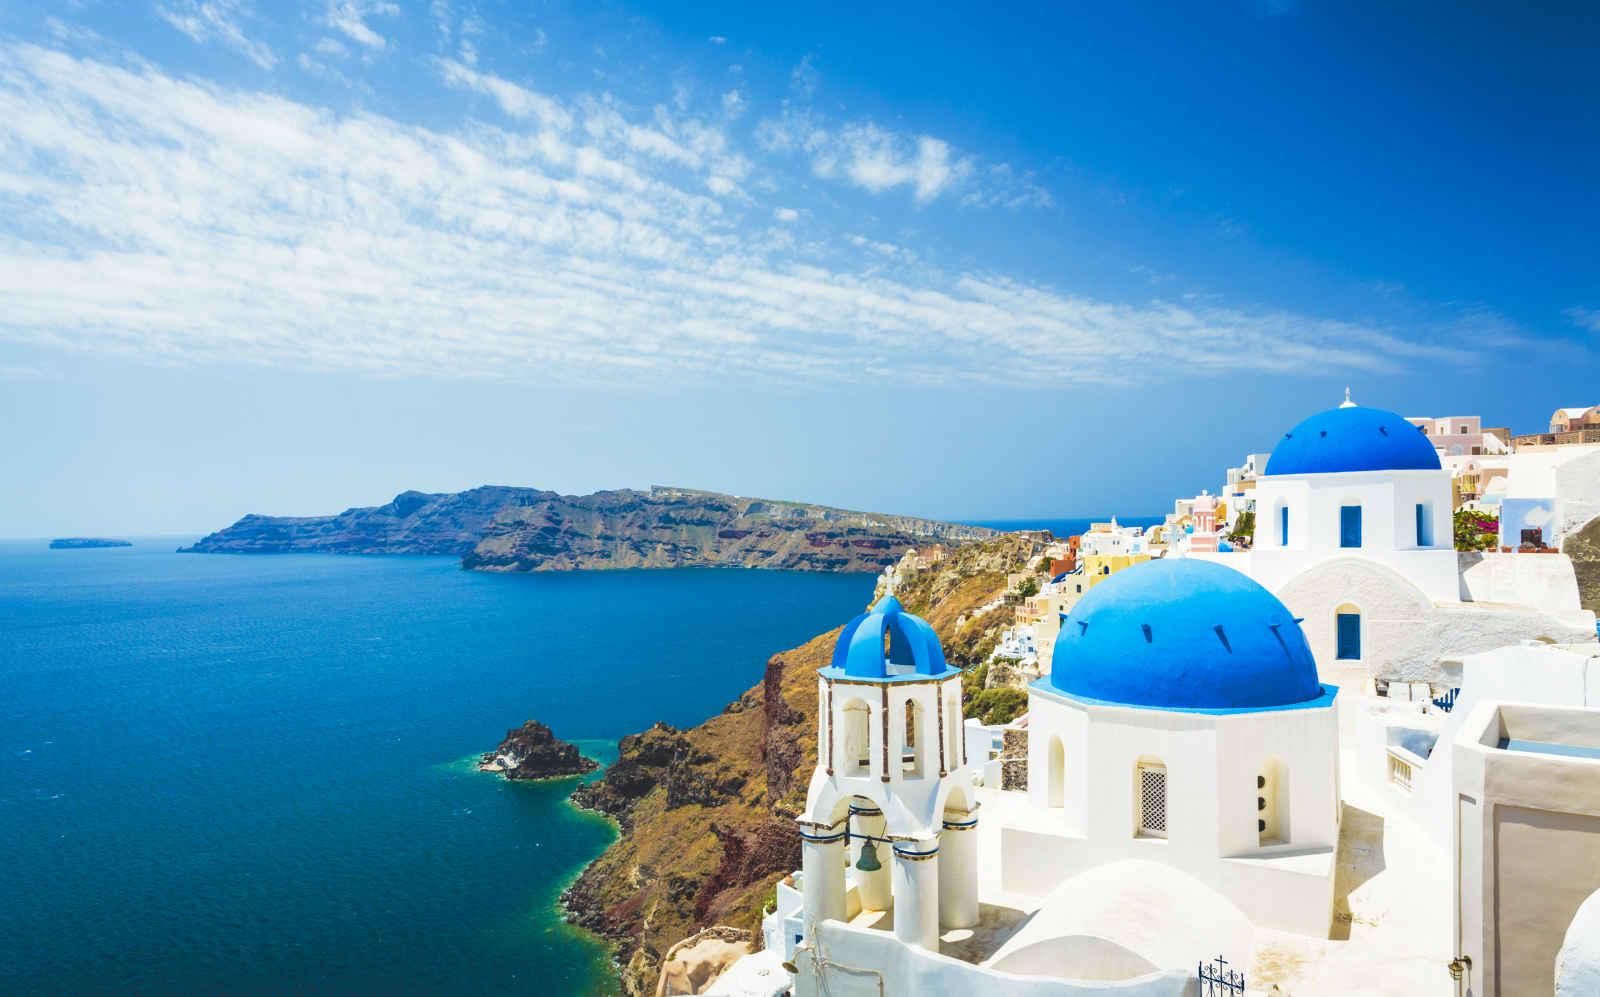 Grèce : Le meilleur de la Grèce et de la Turquie